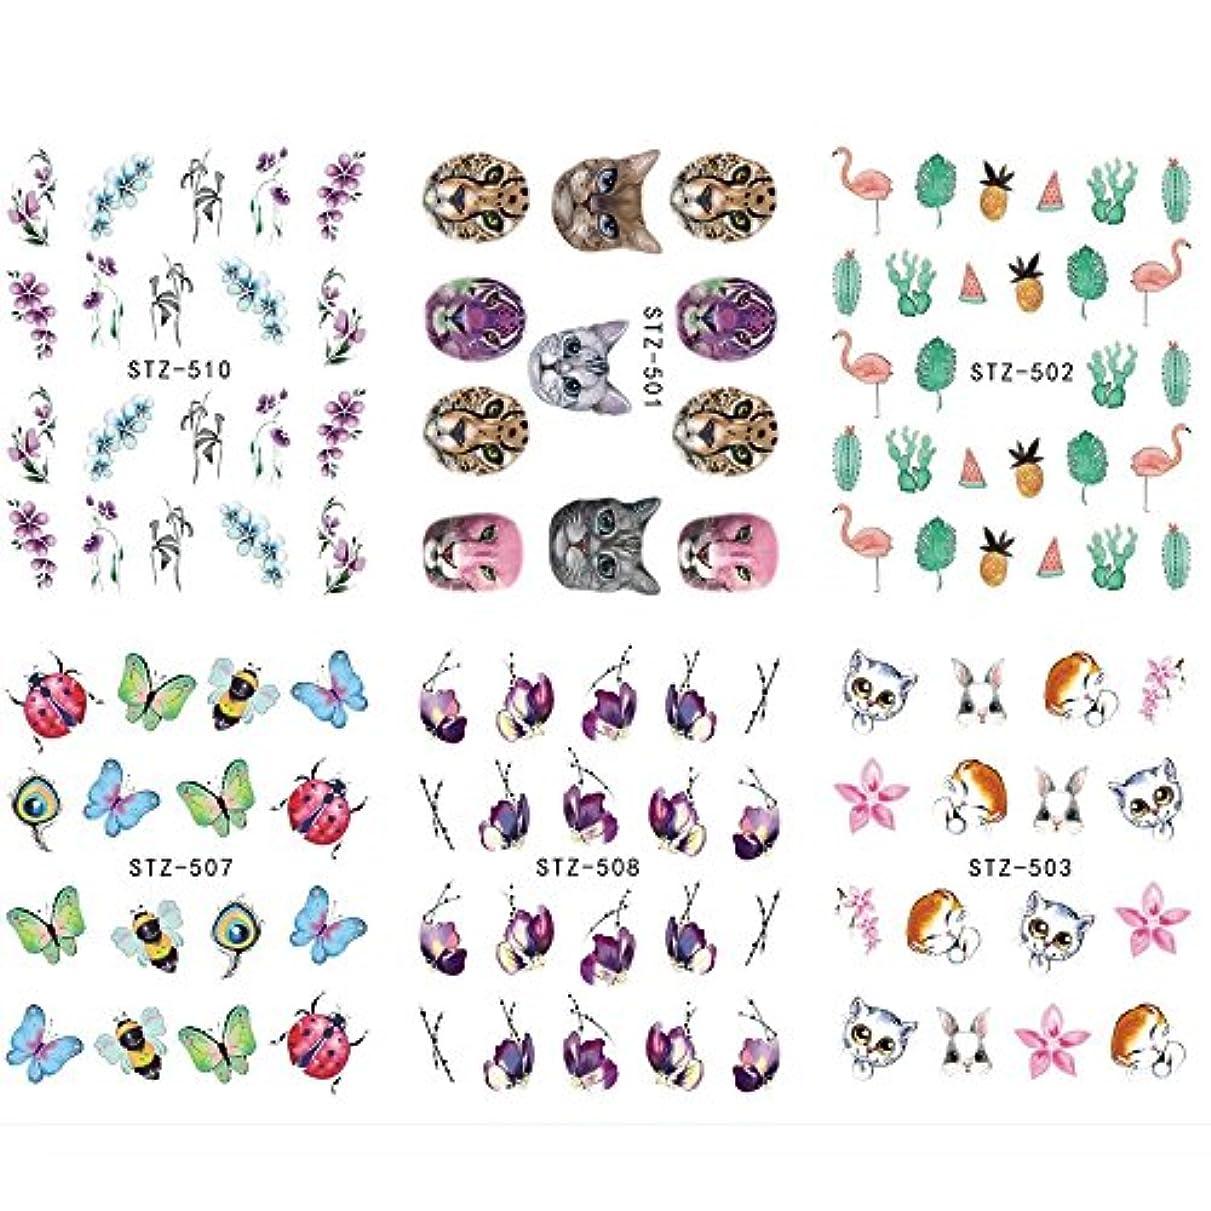 理論スコアアルバニーSUKTI&XIAO ネイルステッカー 12ピース花植物動物ネイルアートステッカー水転写デカールスライダータトゥーフルカバーラップツールの装飾